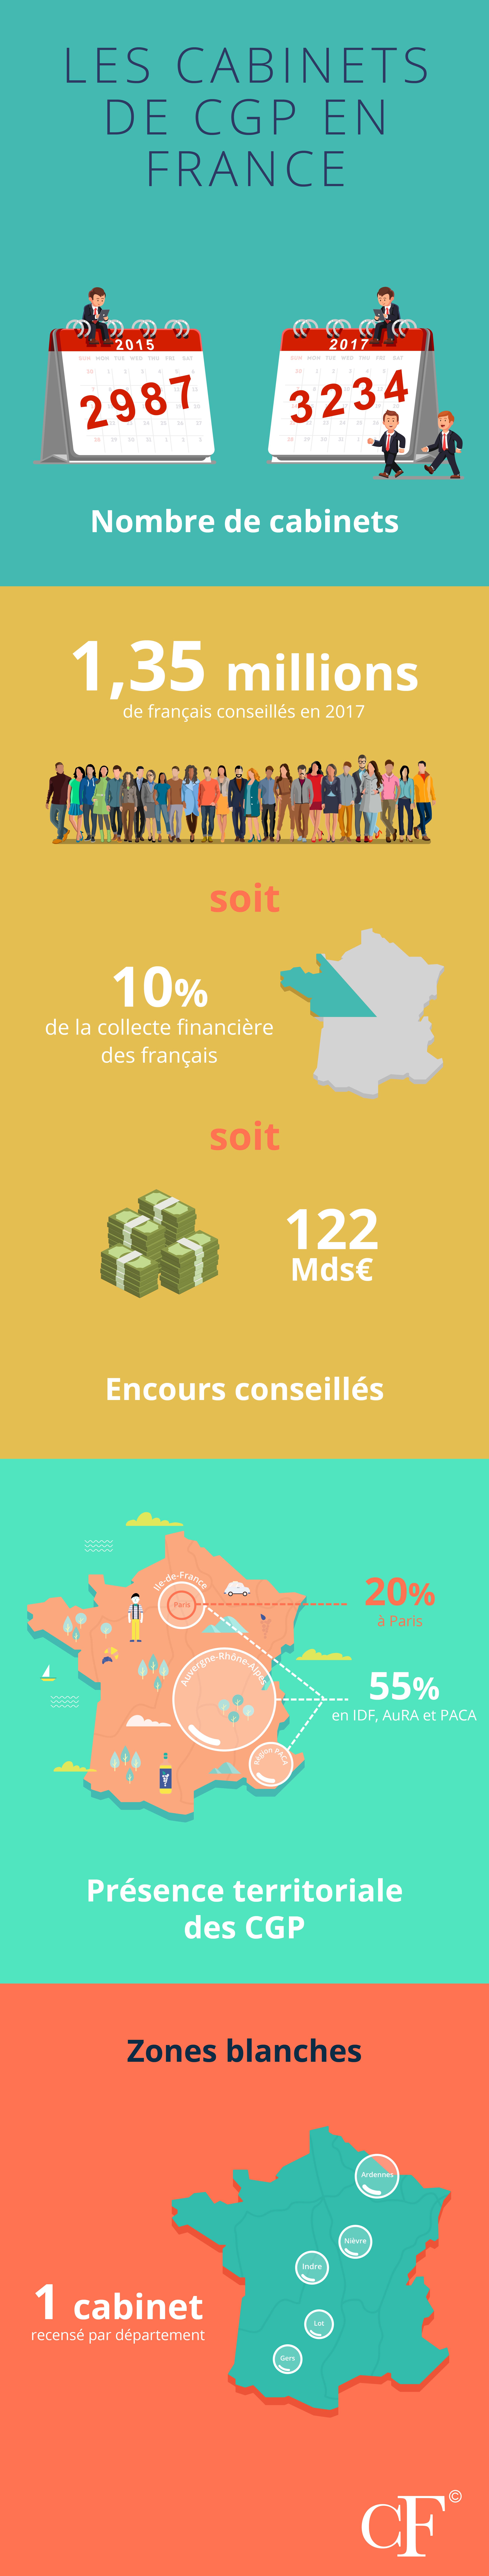 CGP en France encours clients